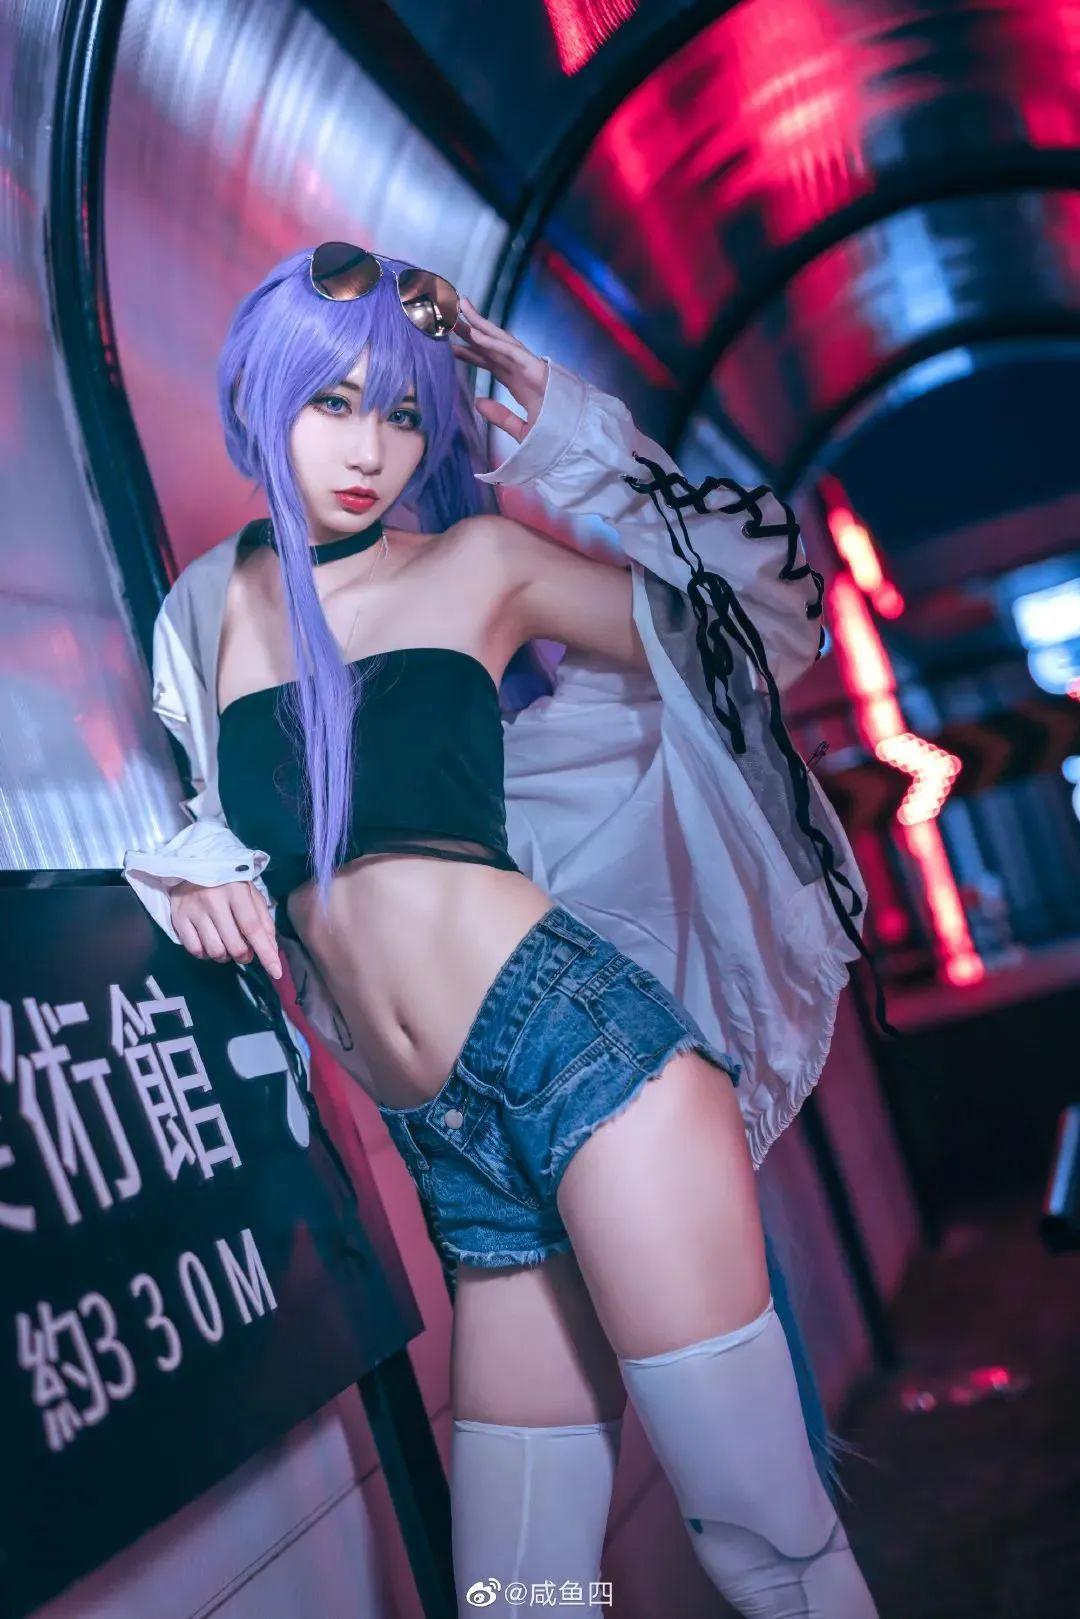 Cosplay-《Fate/Grand Order》梅尔特莉莉丝,白丝牛仔短裤御姐我爱了_图片 No.9